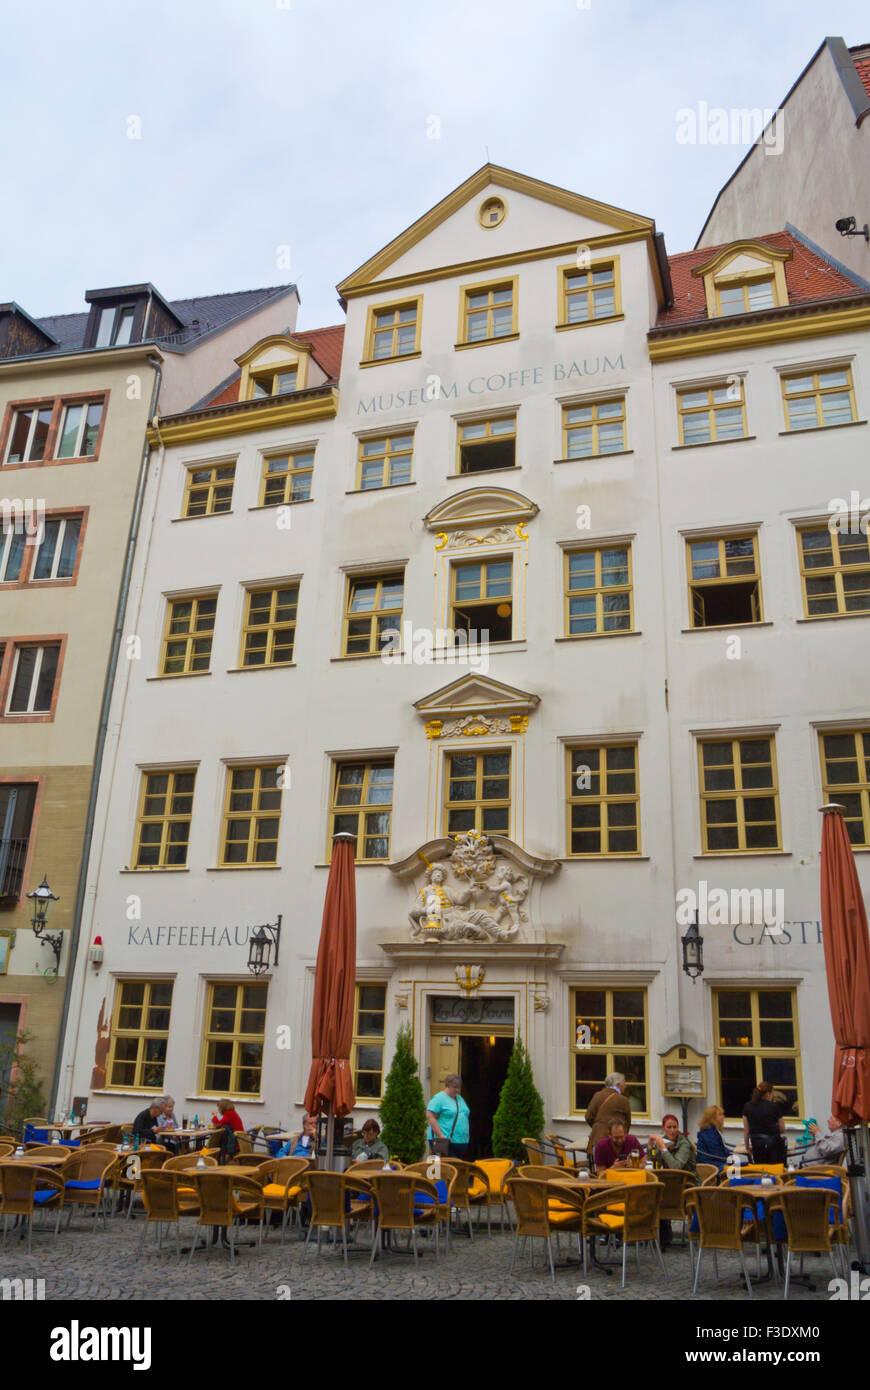 Museum Coffe Baum, Zum Arabischen Coffe Baum, Museum und Café, Kleine Fleischergasse, Altstadt, alte Stadt, Stockbild